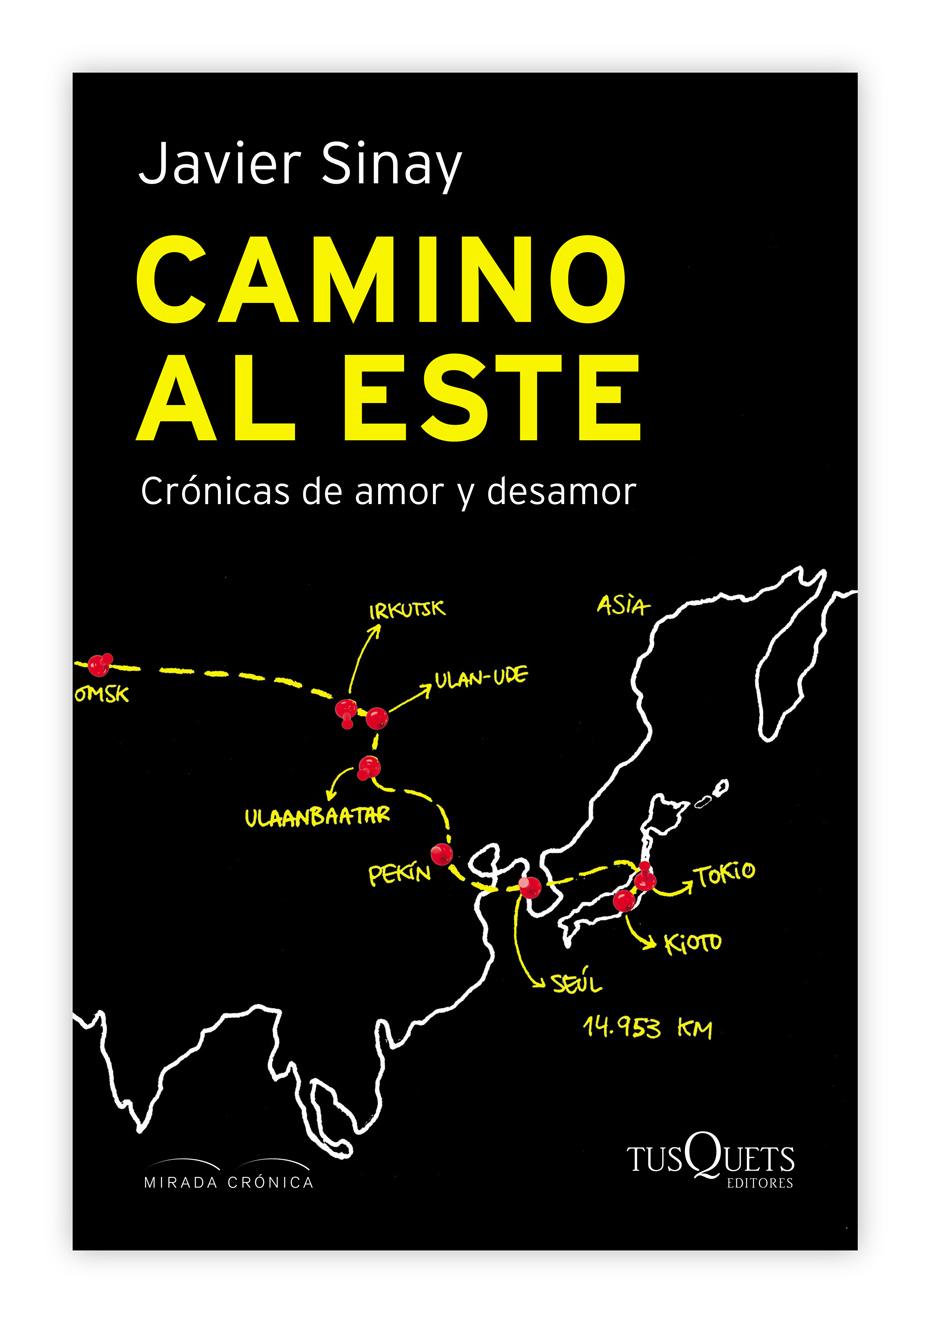 Camino_al_este_04